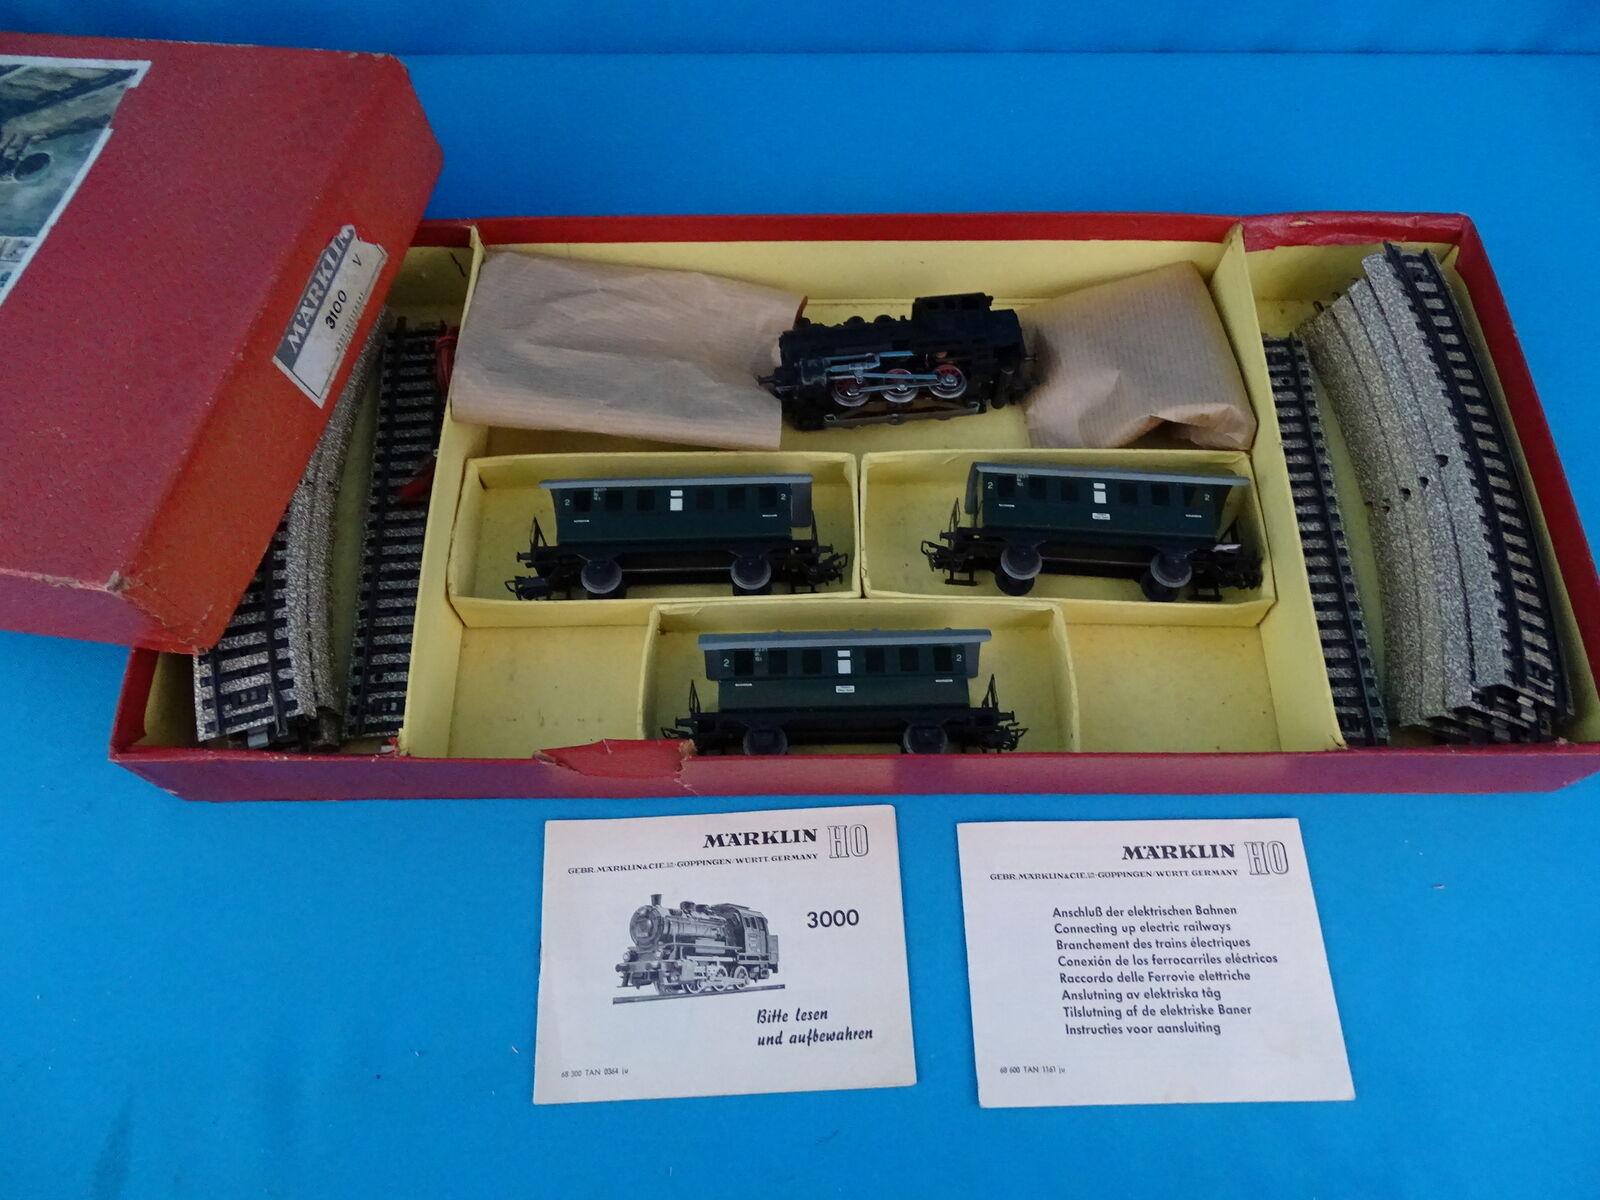 Marklin 3100 Stkonster Set 50 -ies 800 serie 1957